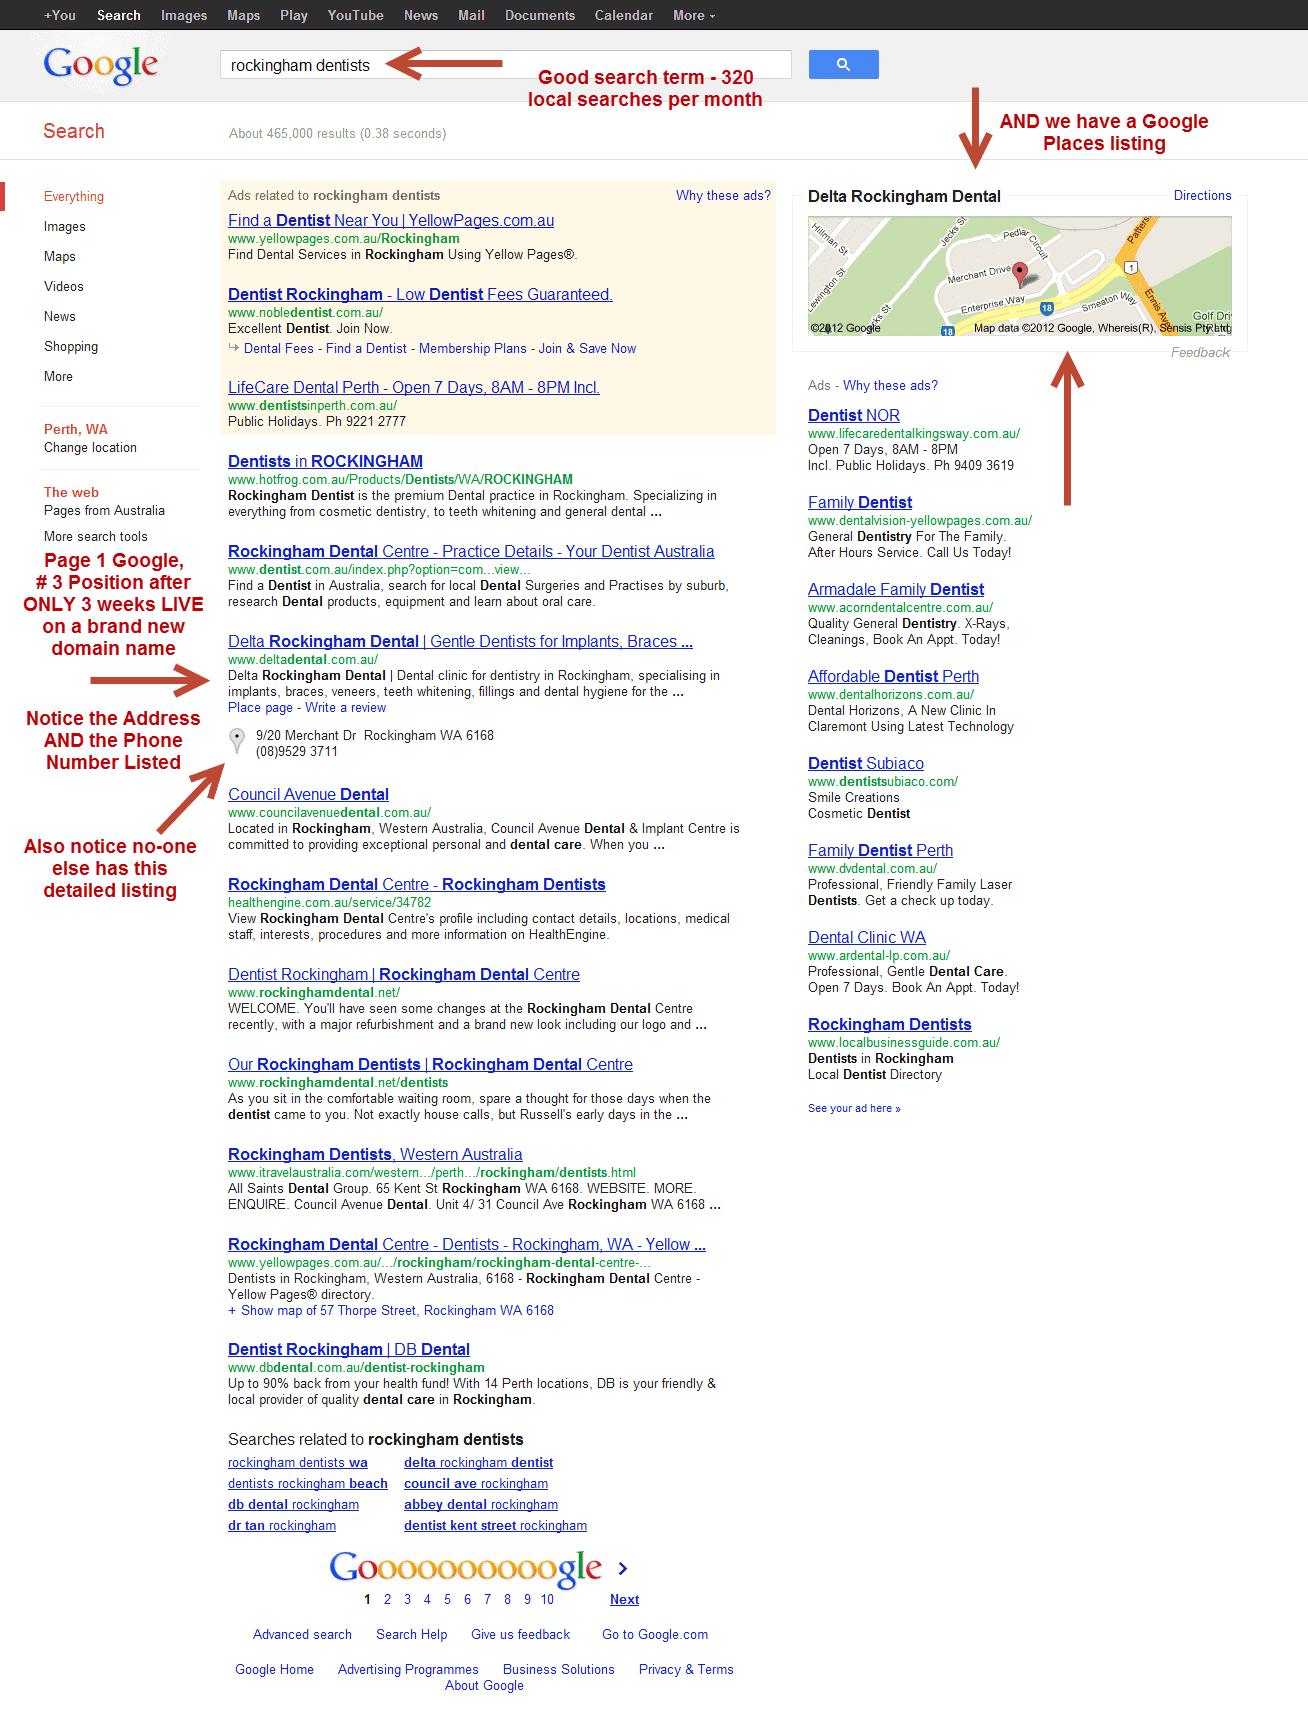 Google-page-1-smarter-websites